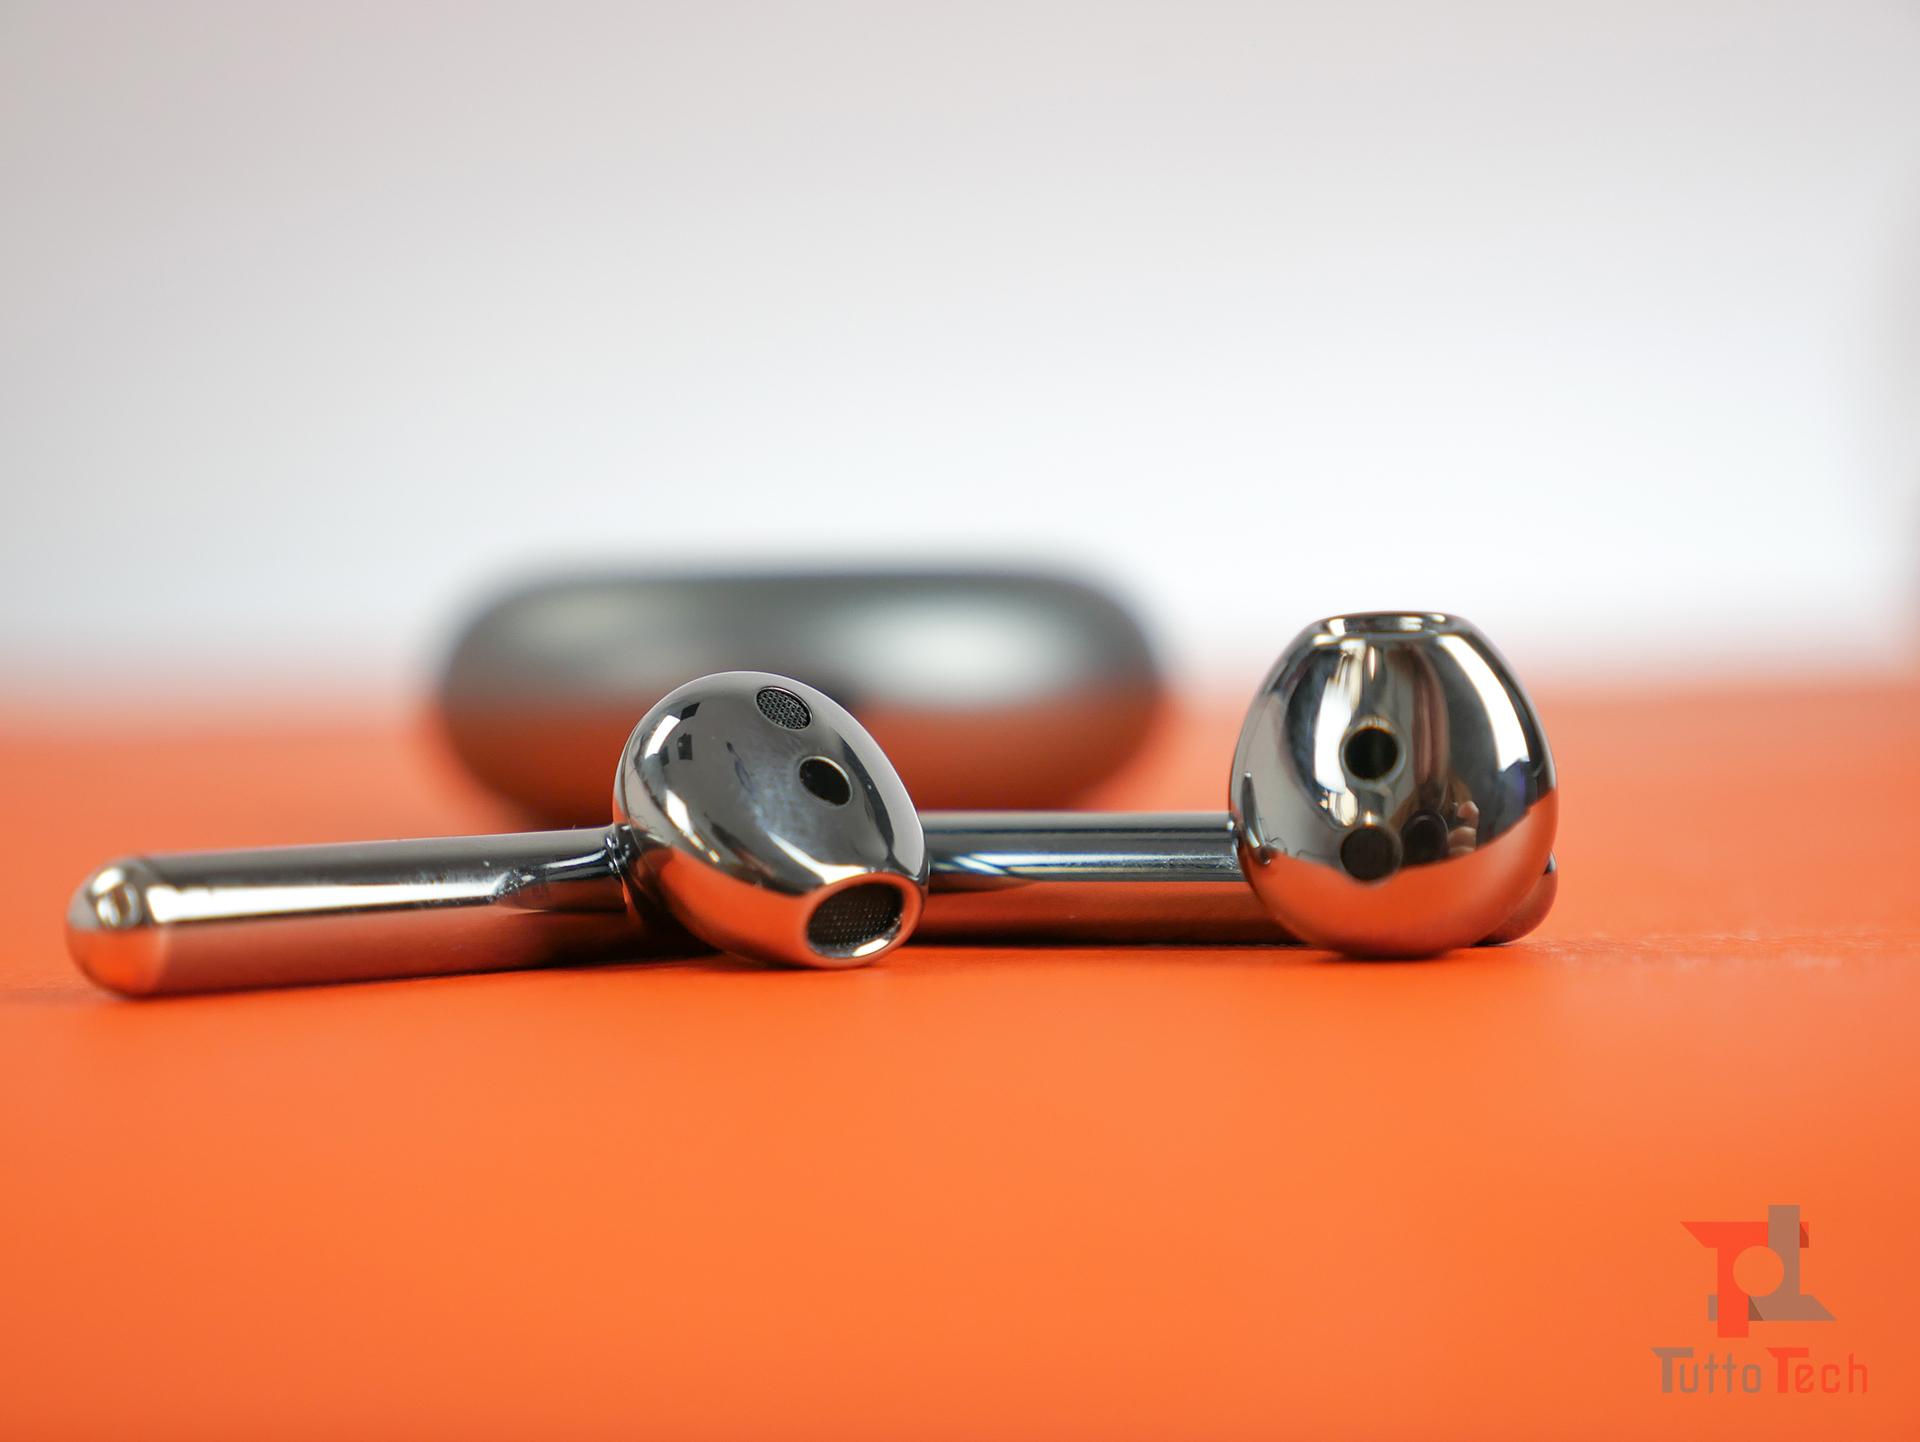 Recensione Huawei FreeBuds 4: cuffie non in-ear di qualità, Band 6 in regalo 4